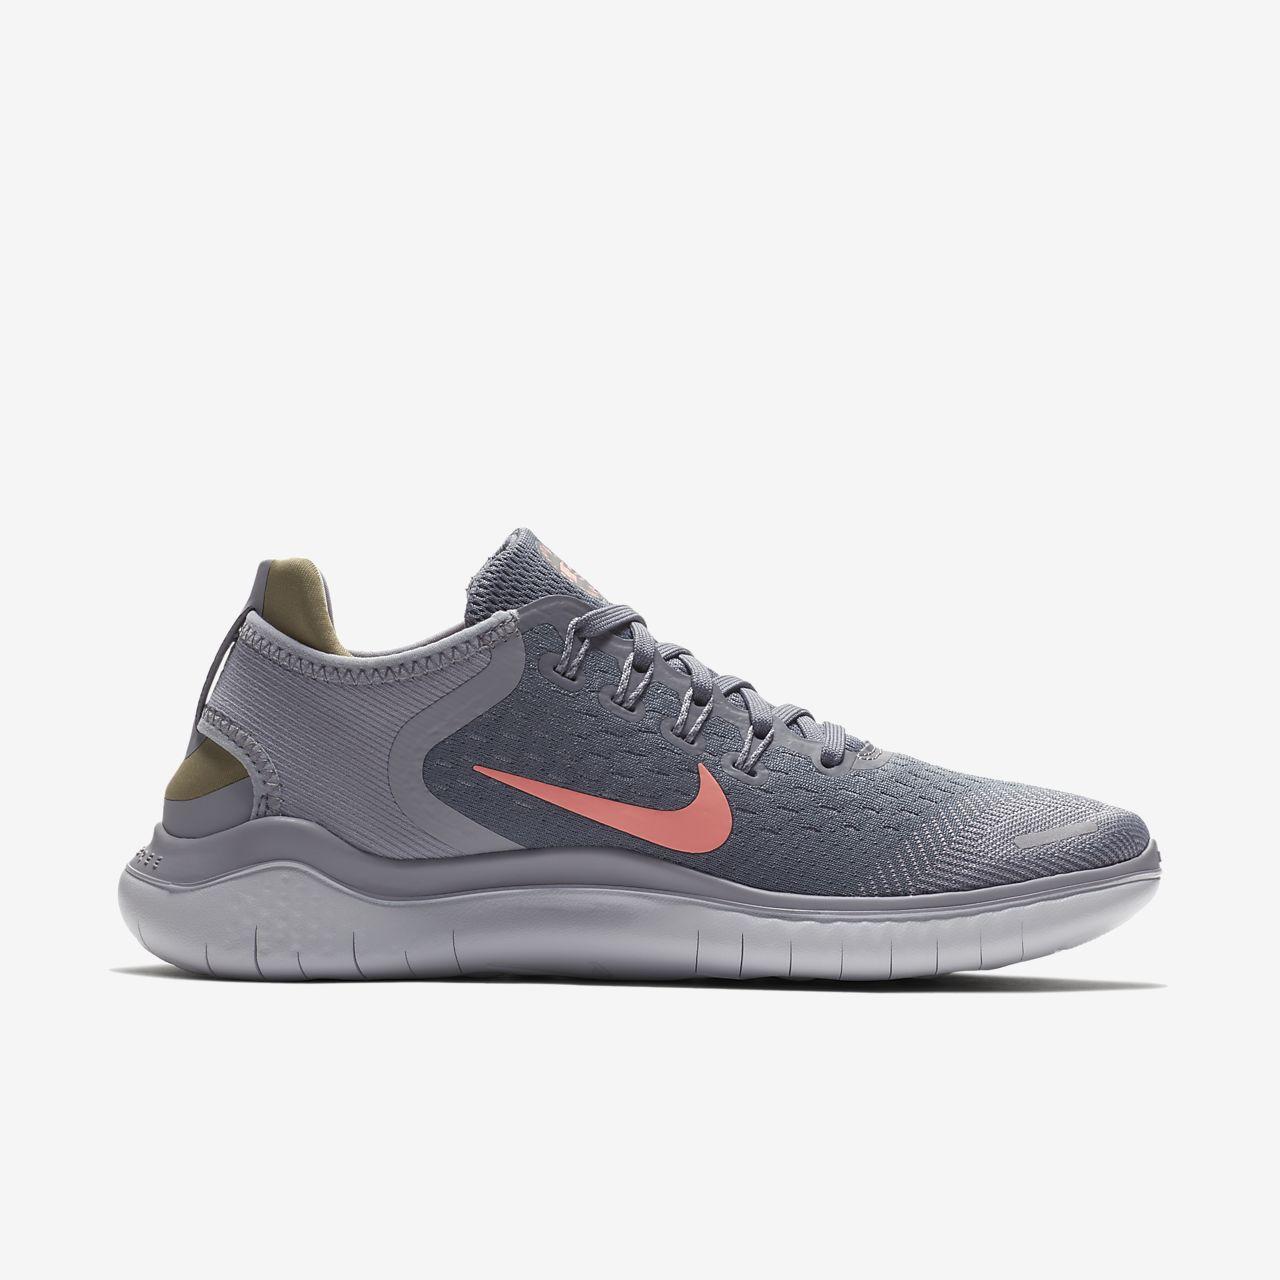 9ec213a29d3c8 Nike Free RN 2018 Women s Running Shoe. Nike.com GB